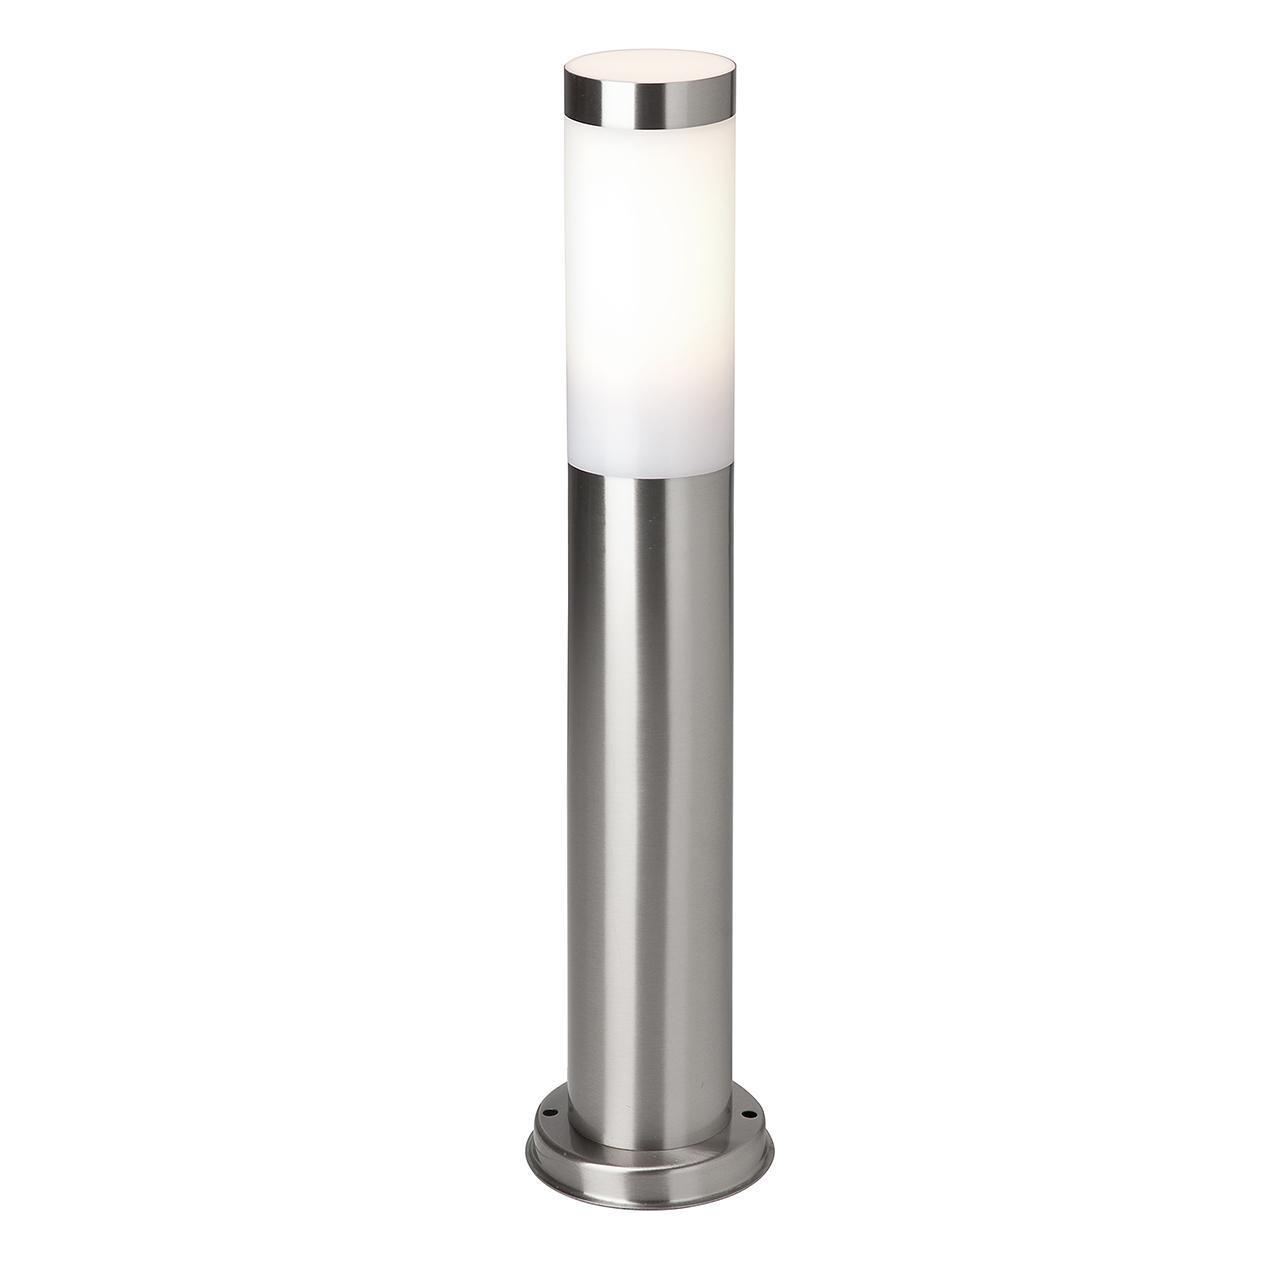 Уличный светильник Brilliant Chorus 43684/82 цены